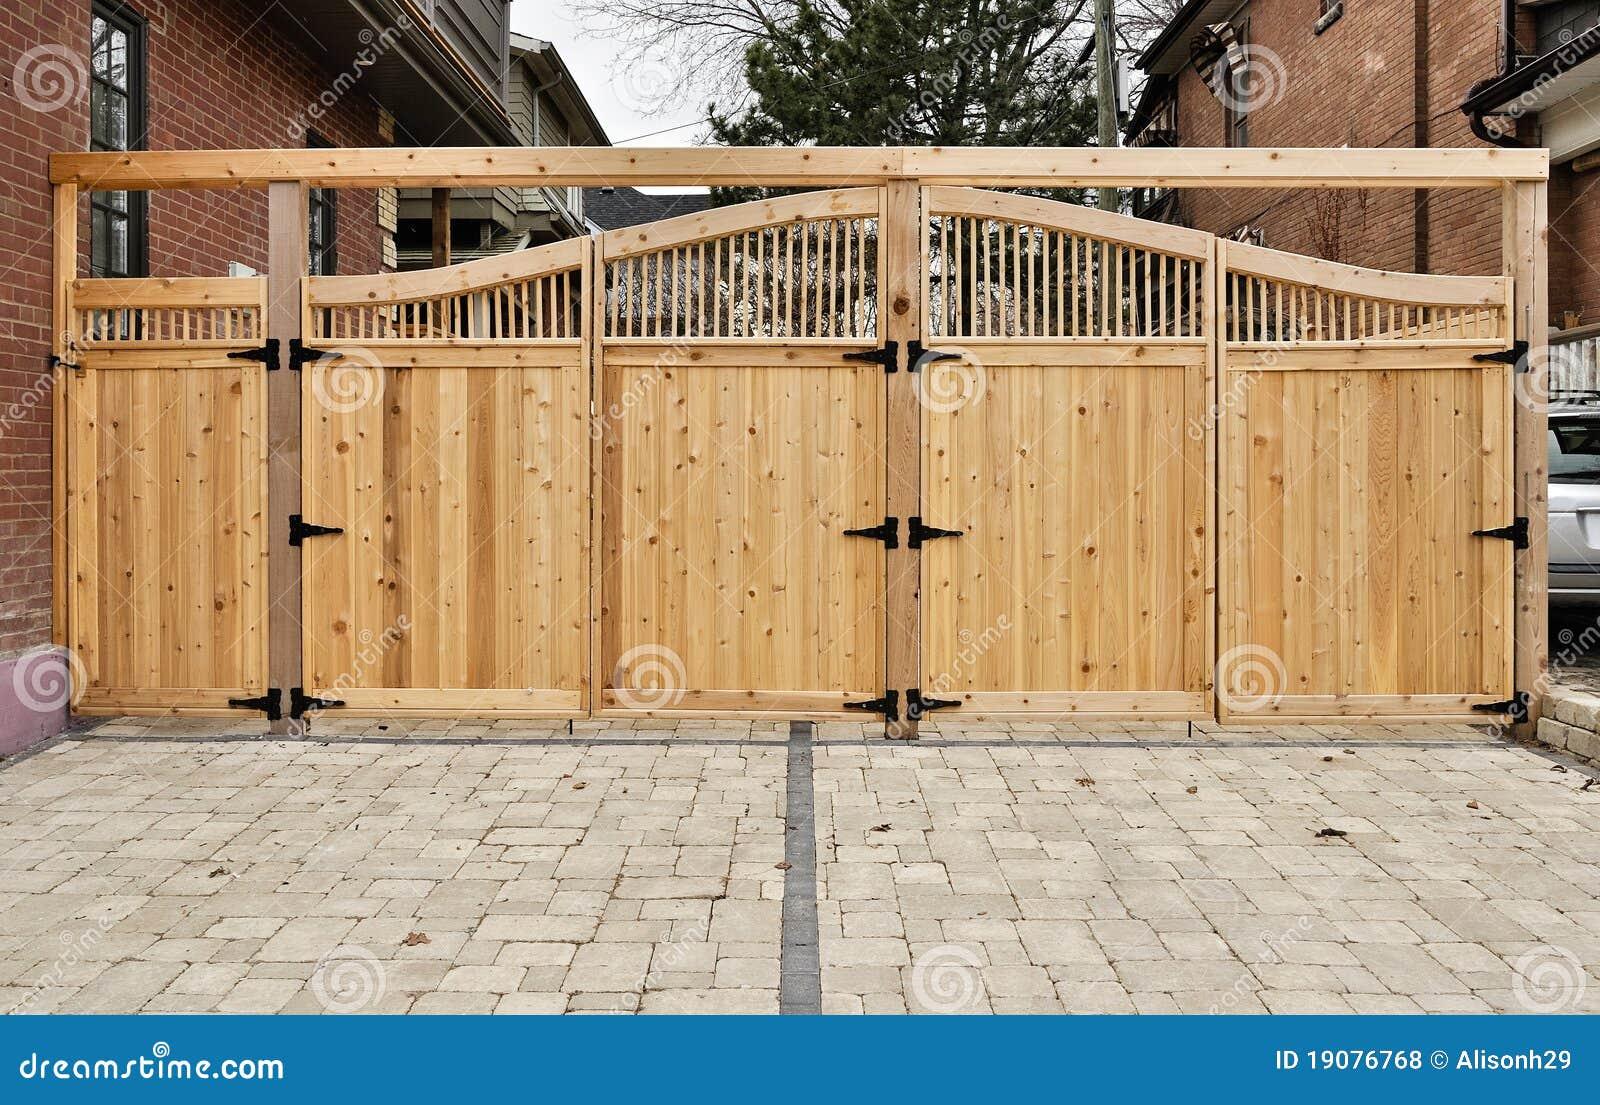 Cerniere Per Cancelli Di Legno : Cancello di legno fotografia stock immagine di cerniera